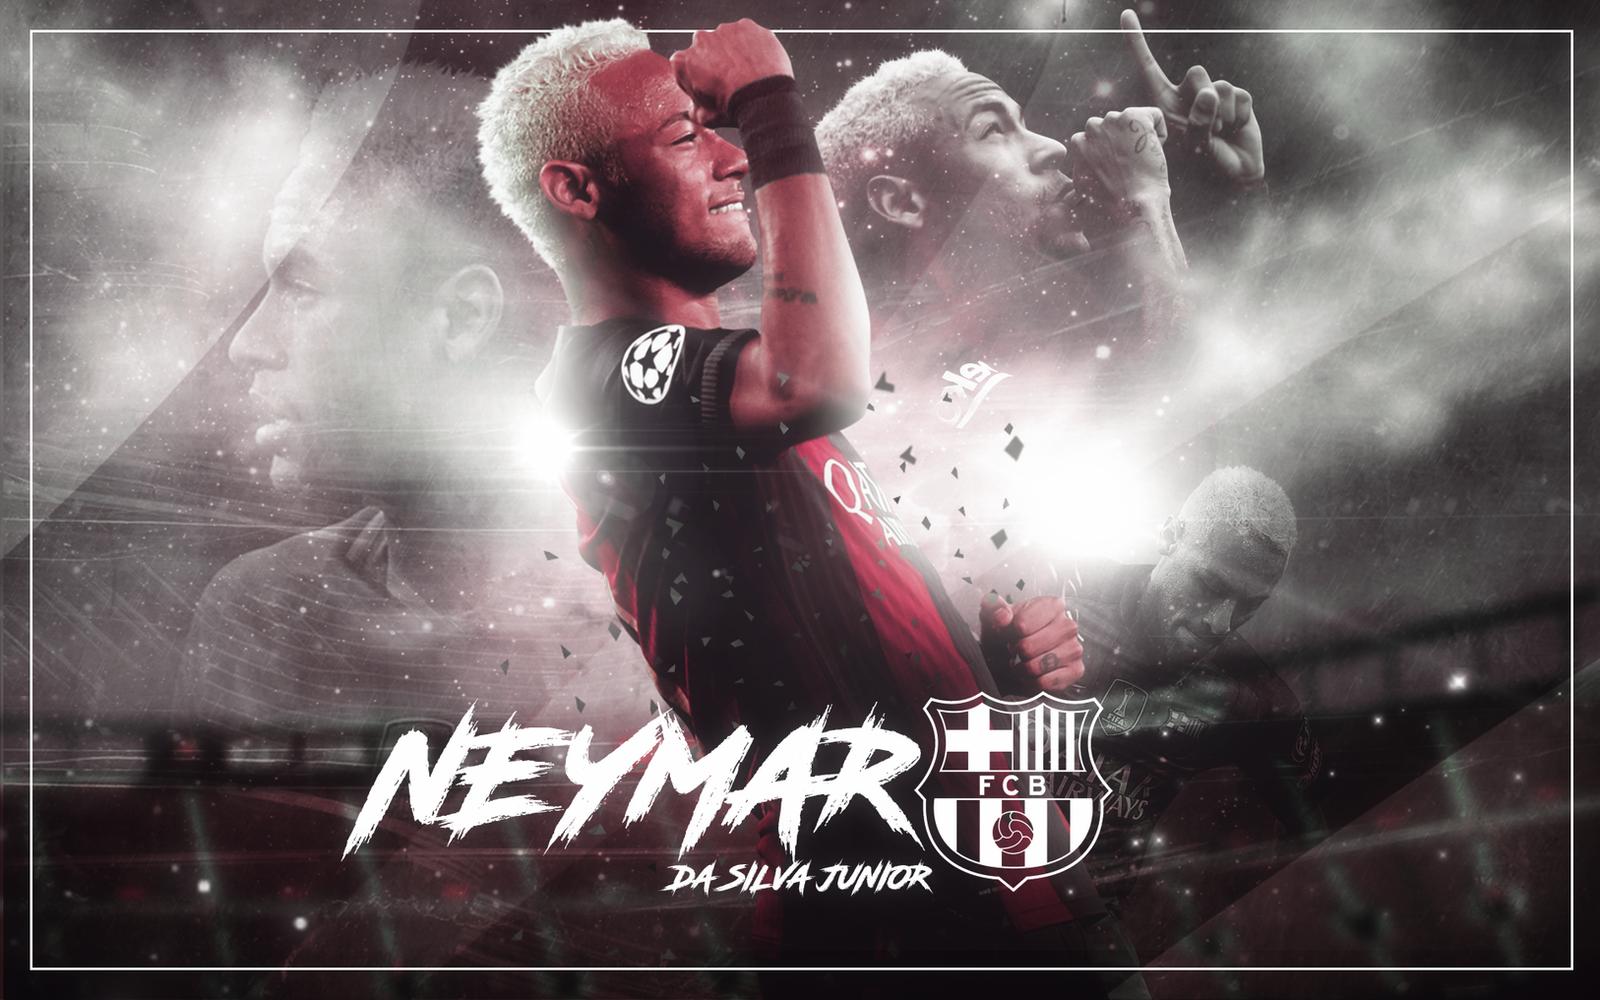 Neymar 2016/17 Wallpaper By ChrisRamos4 On DeviantArt